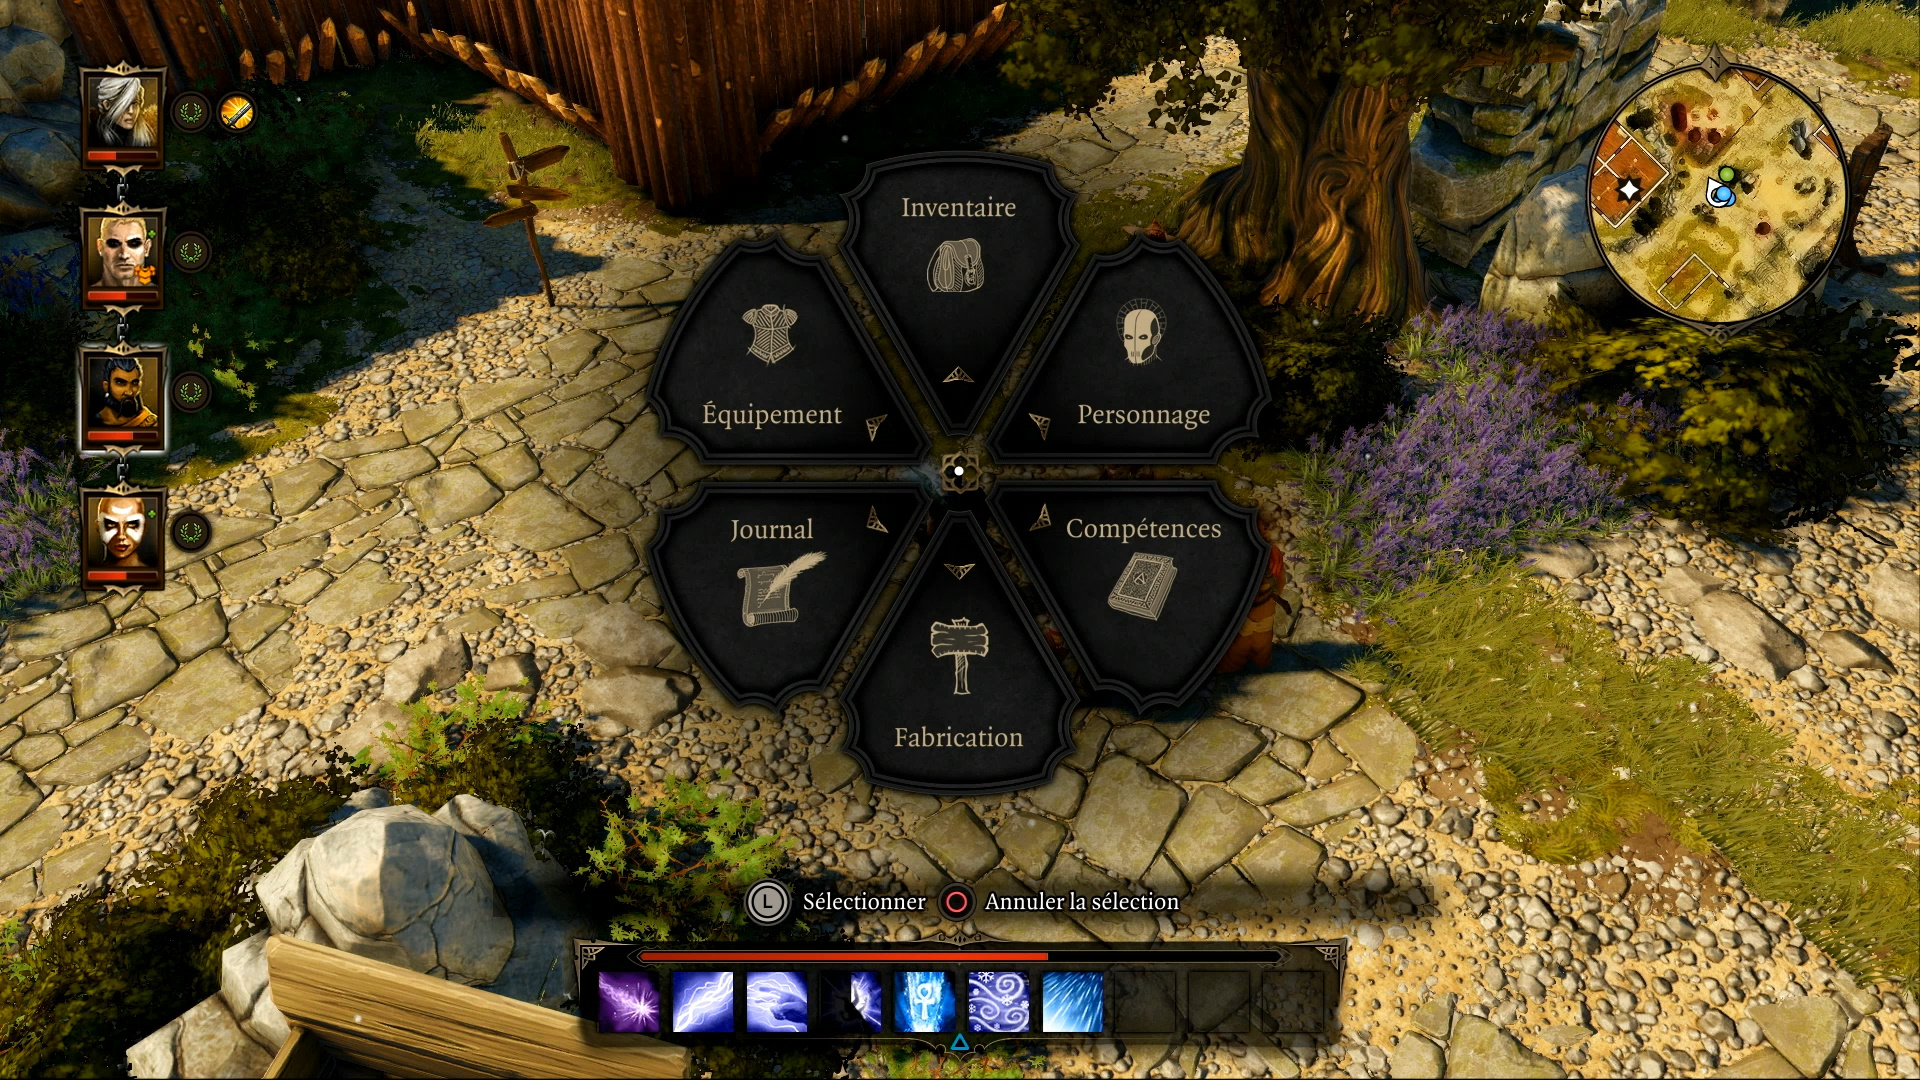 Voici la roue proposée pour atteindre facilement les différentes options du jeu sur Playstation 4.